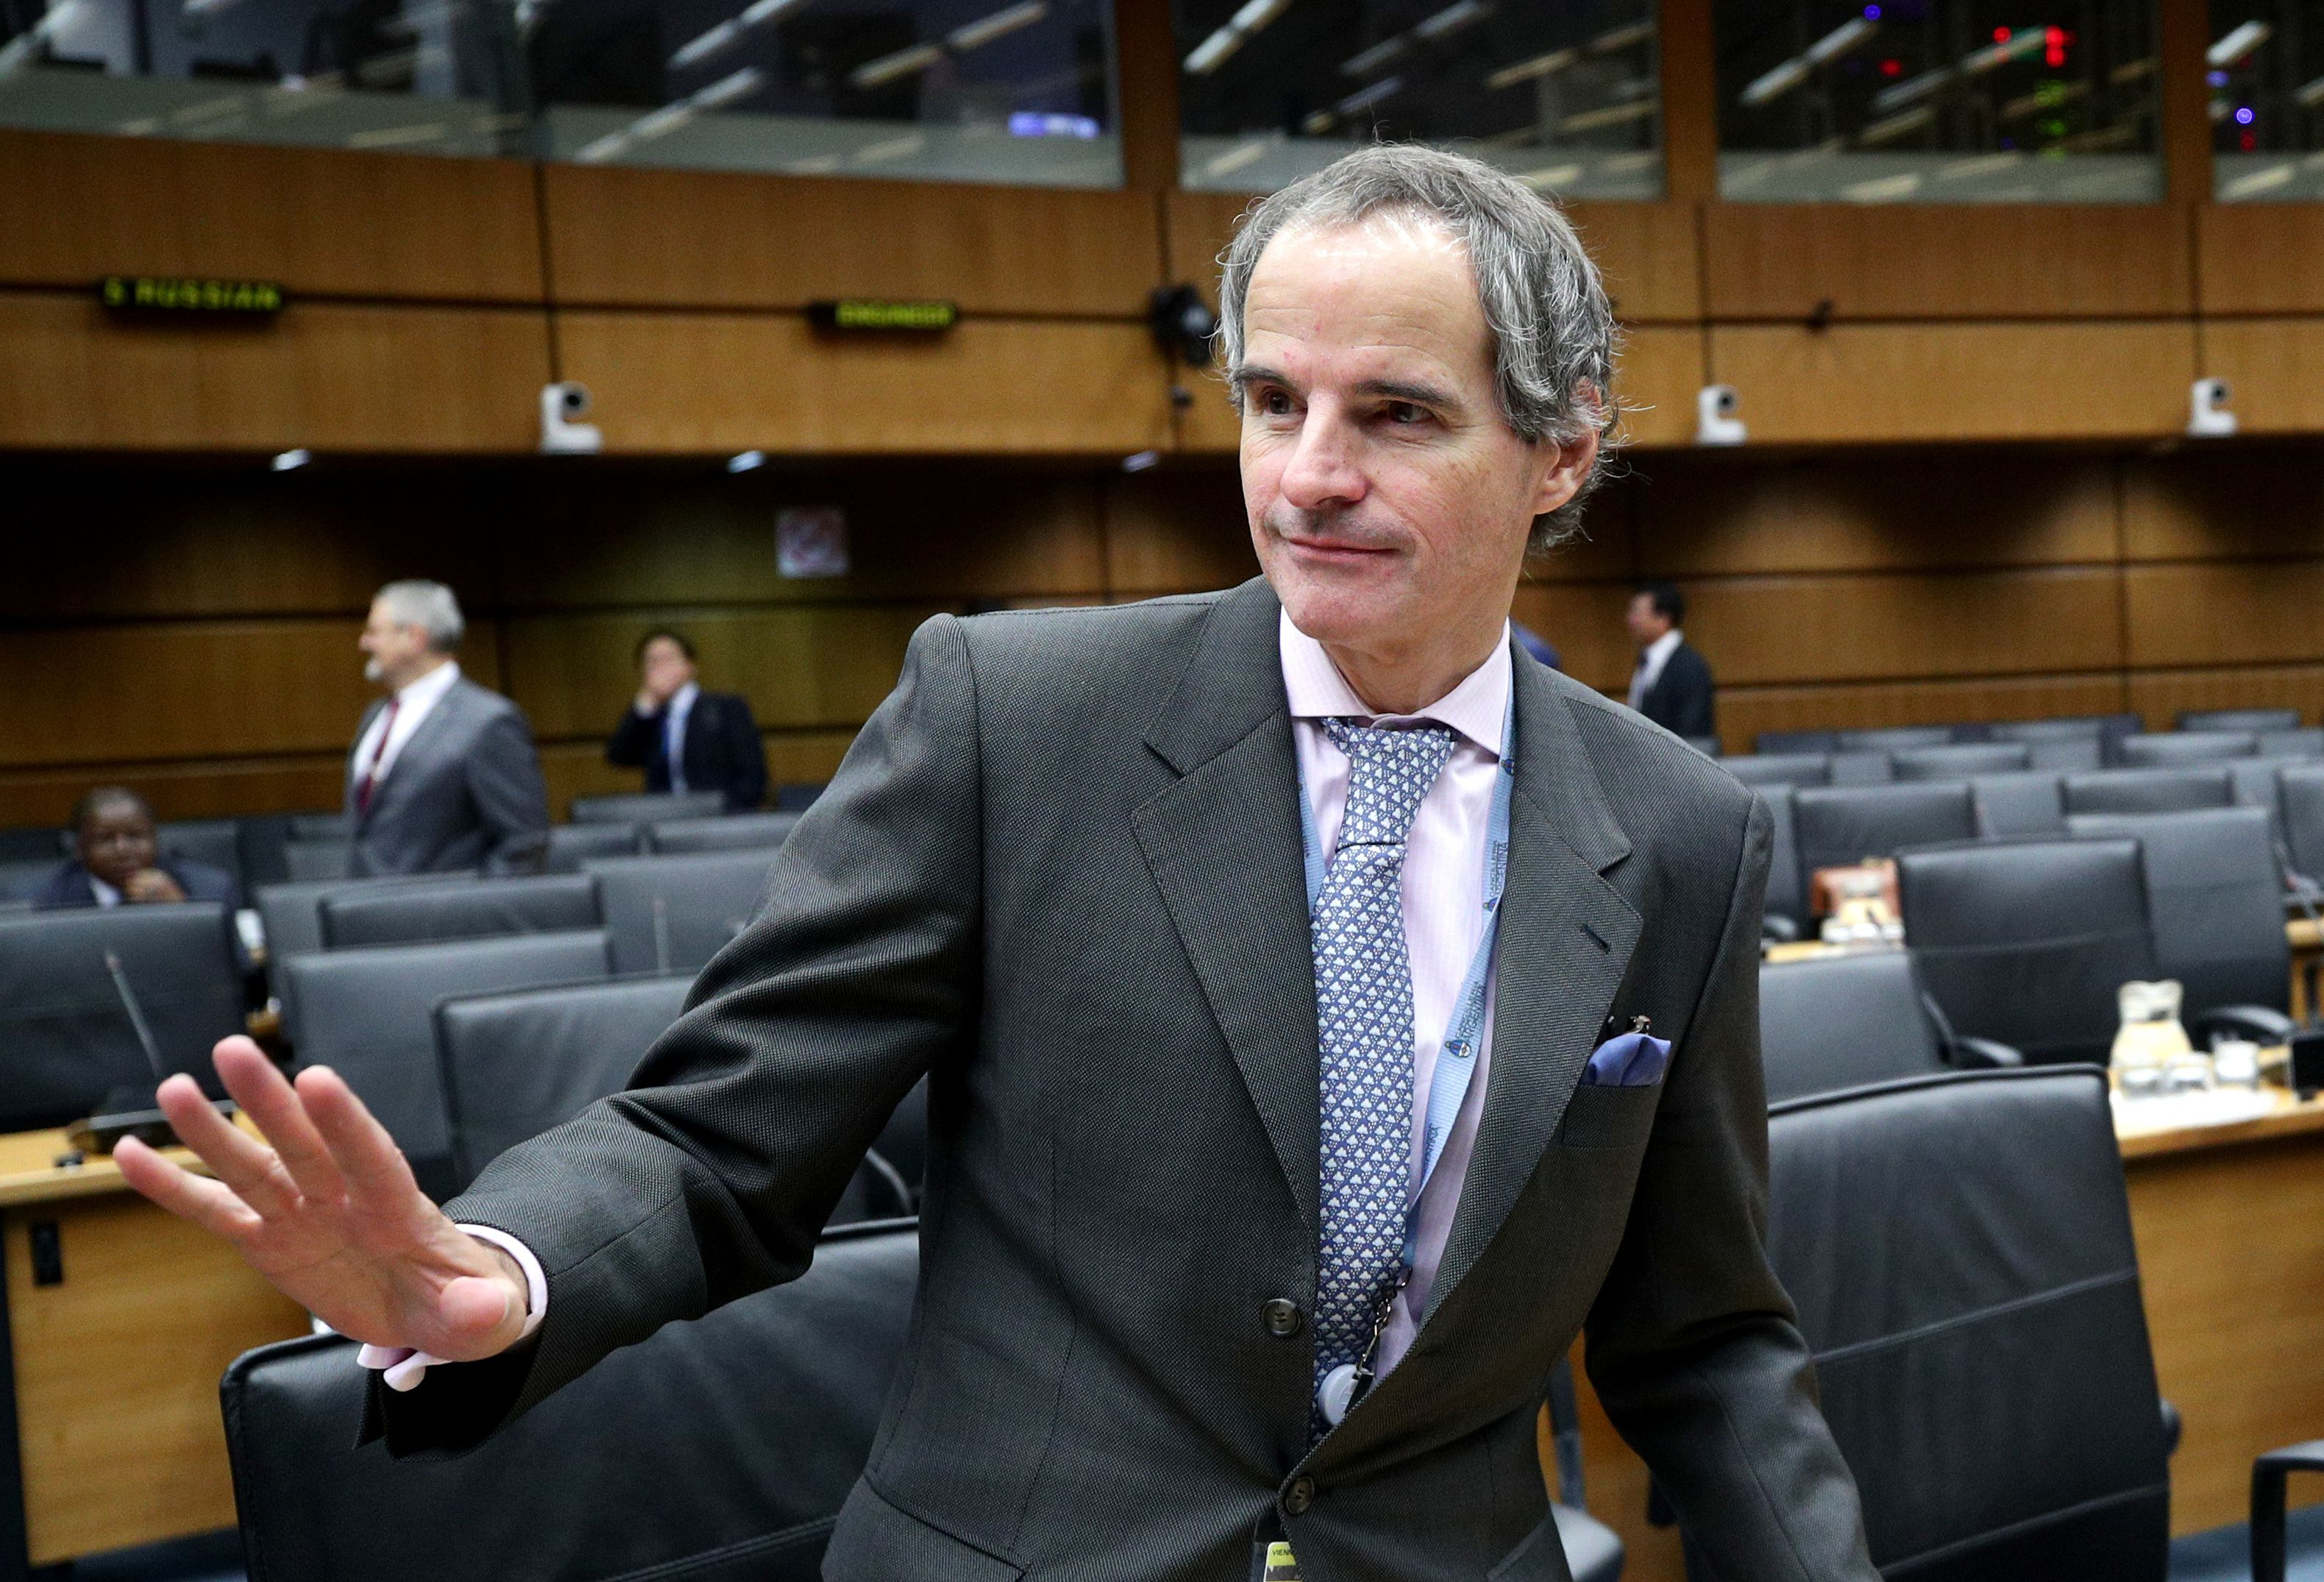 Rafael Grossi, al participar de una de las reuniones del Organismo Internacional de Energía Nuclear. (Reuters/Lisi Niesner)